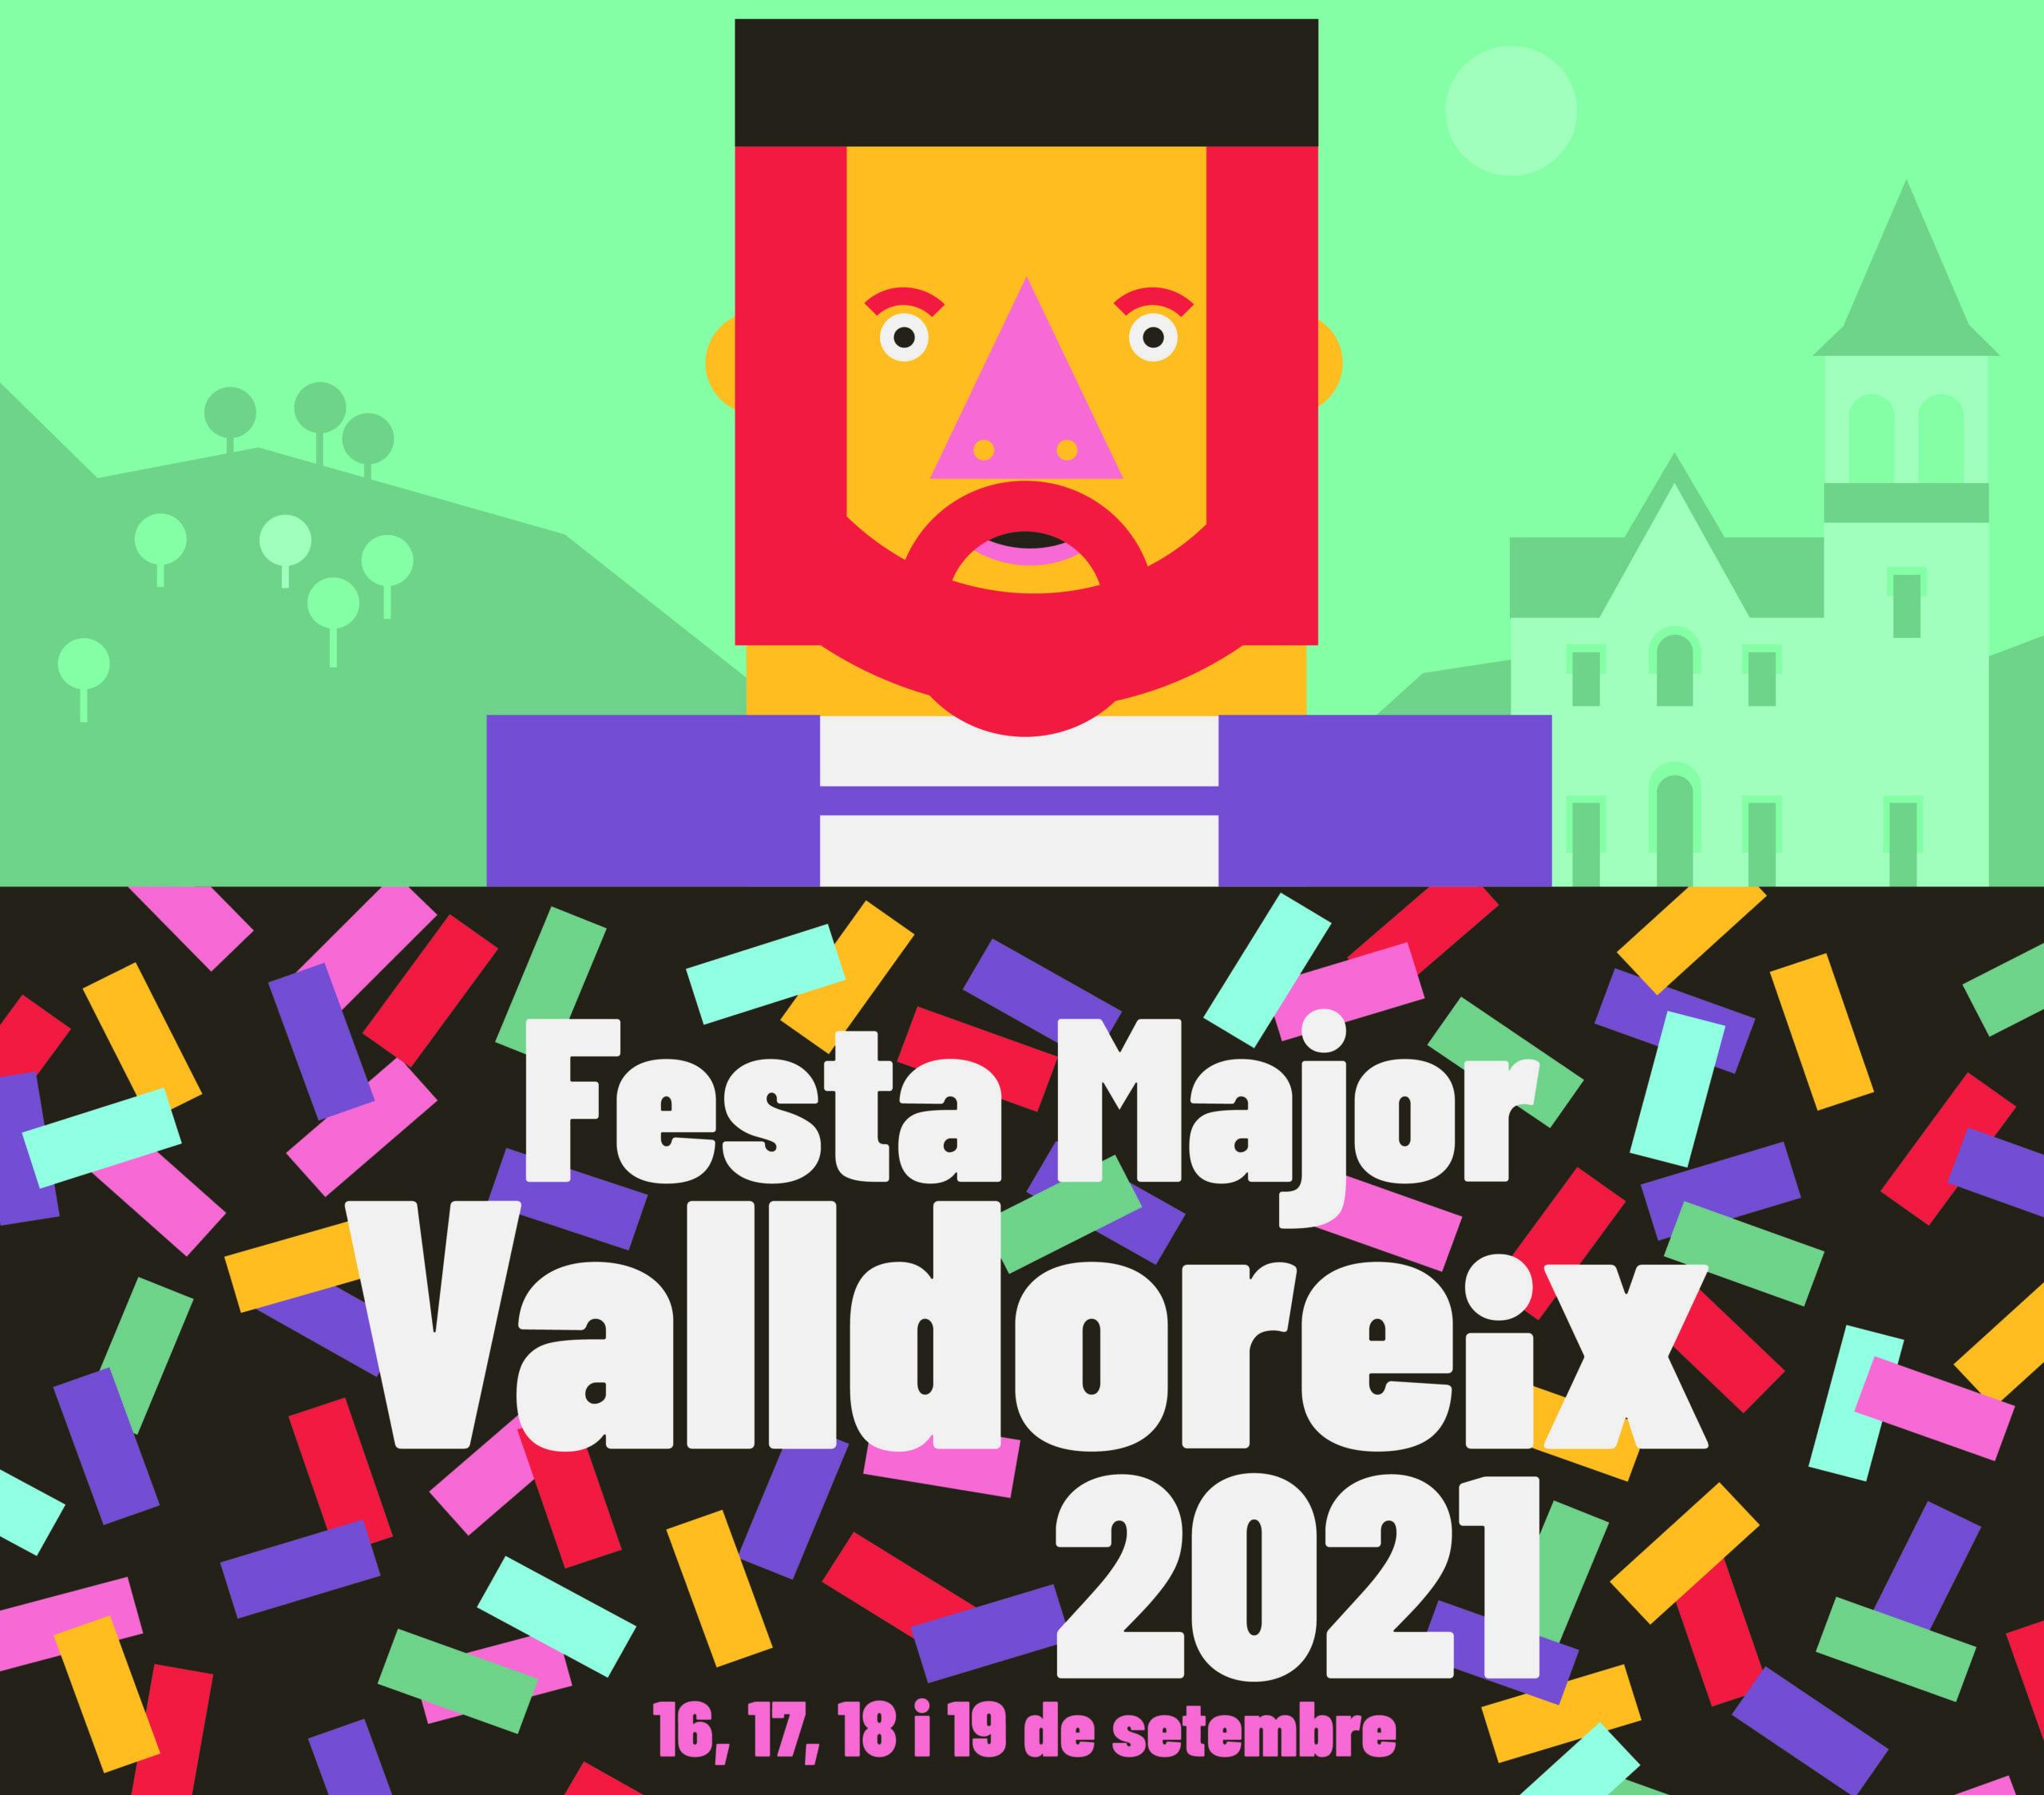 'L'Assumpta i el Cebrià et conviden a la Festa' de David Gutiérrez, cartell anunciador de la Festa Major de Valldoreix 2021